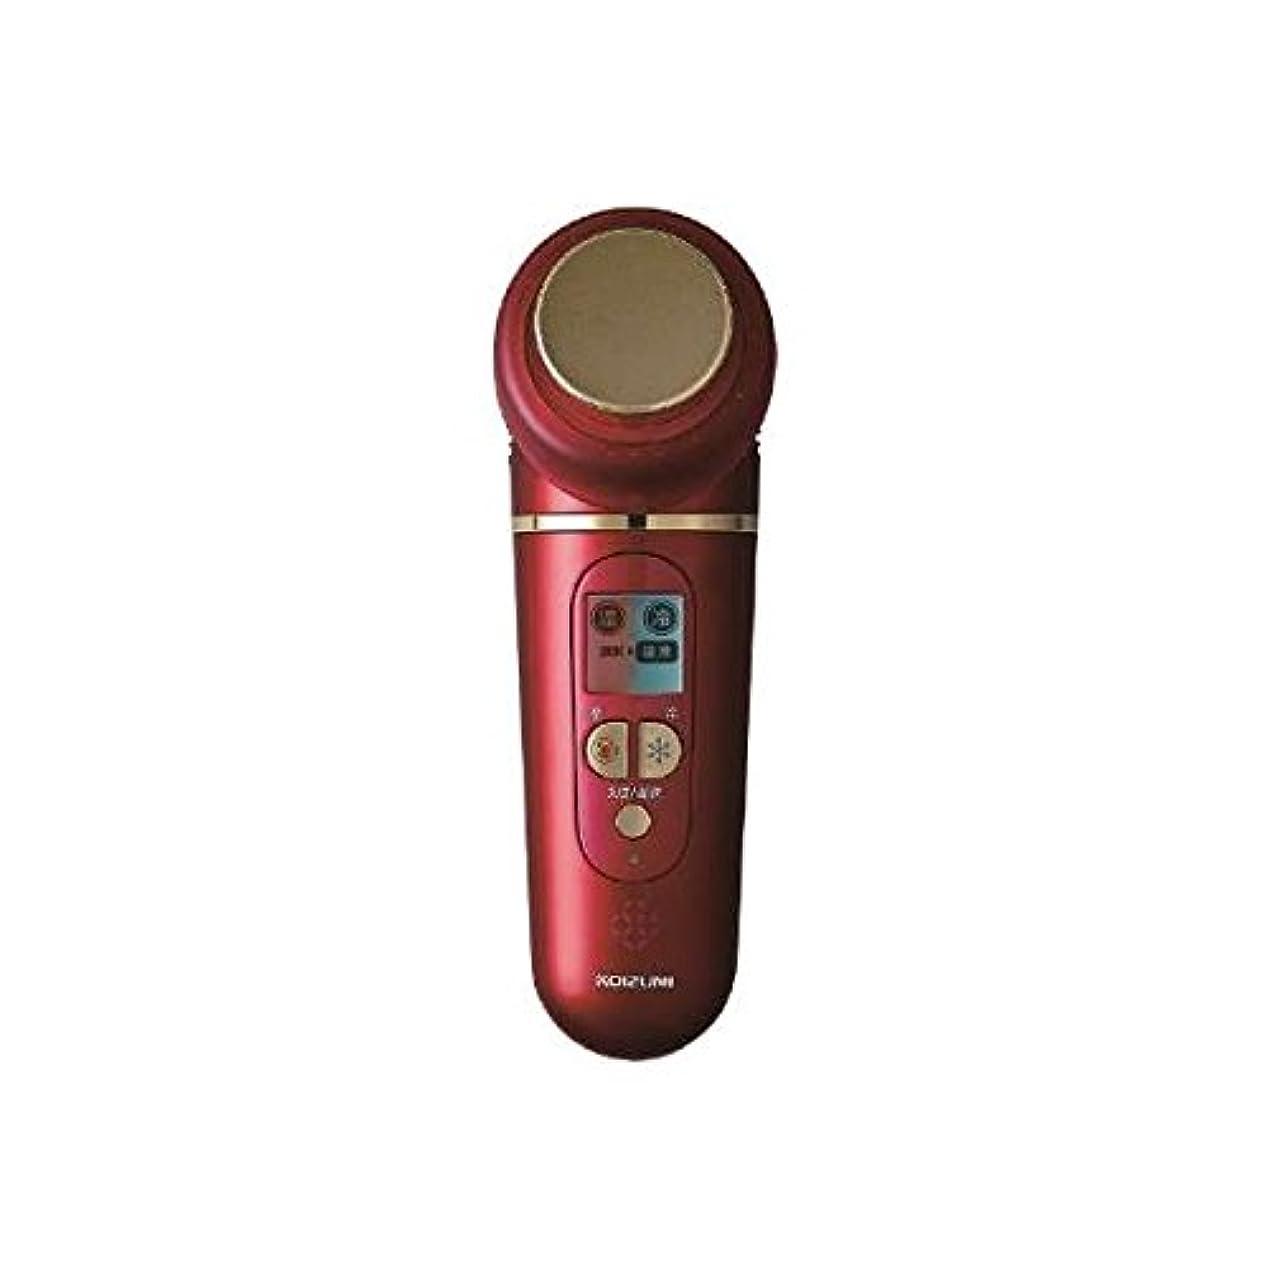 震える動く鈍いコイズミ KOIZUMI KWV-1600/R 温冷美顔器 [国内?海外対応]